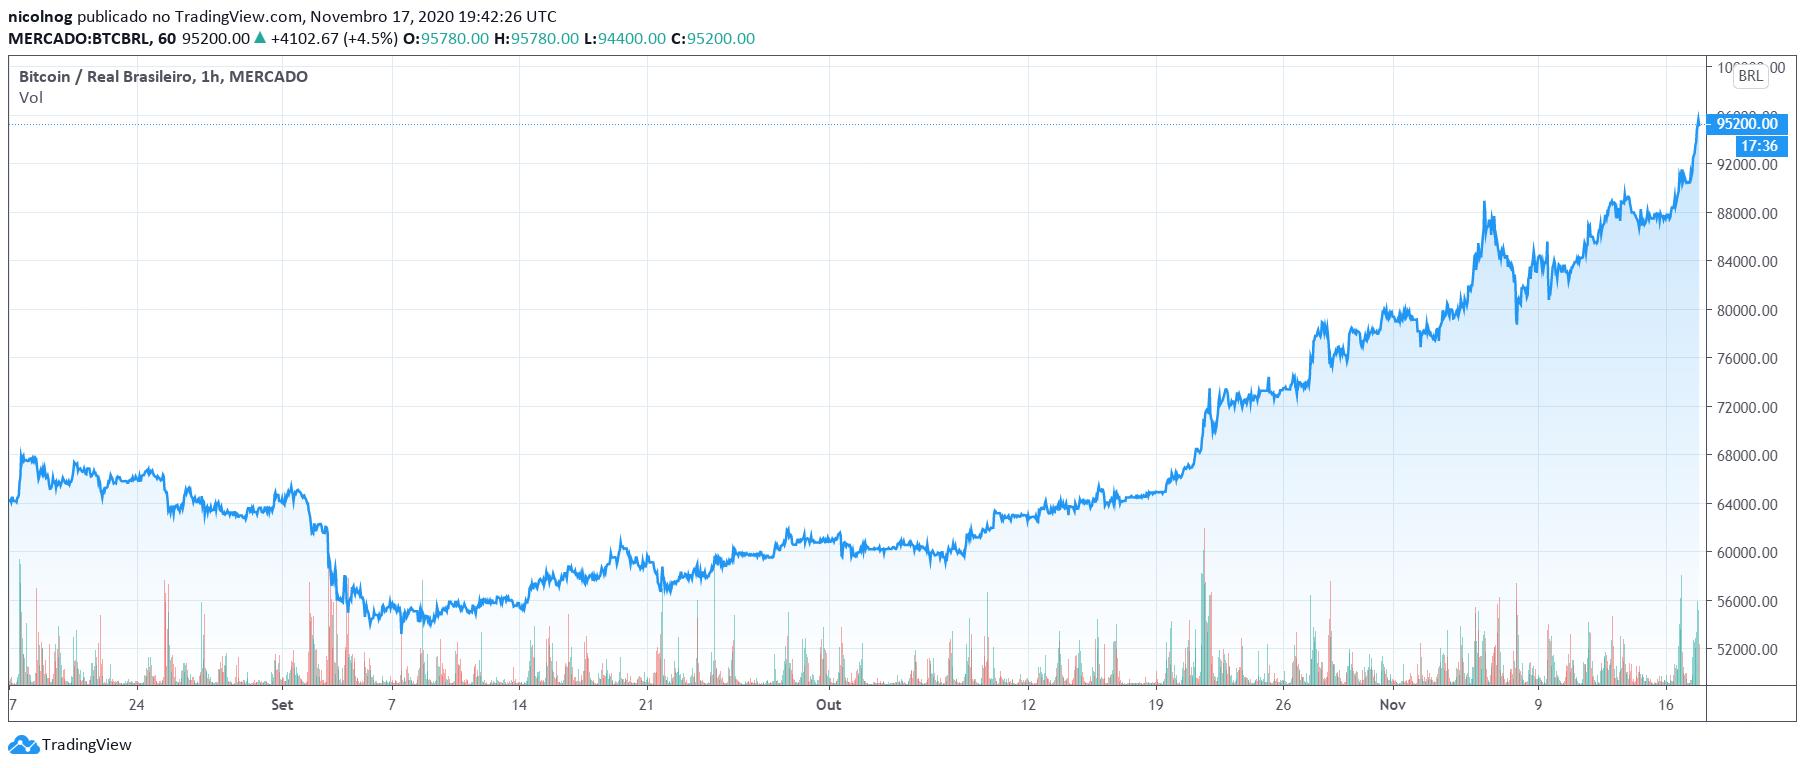 Preço do Bitcoin nos últimos três meses